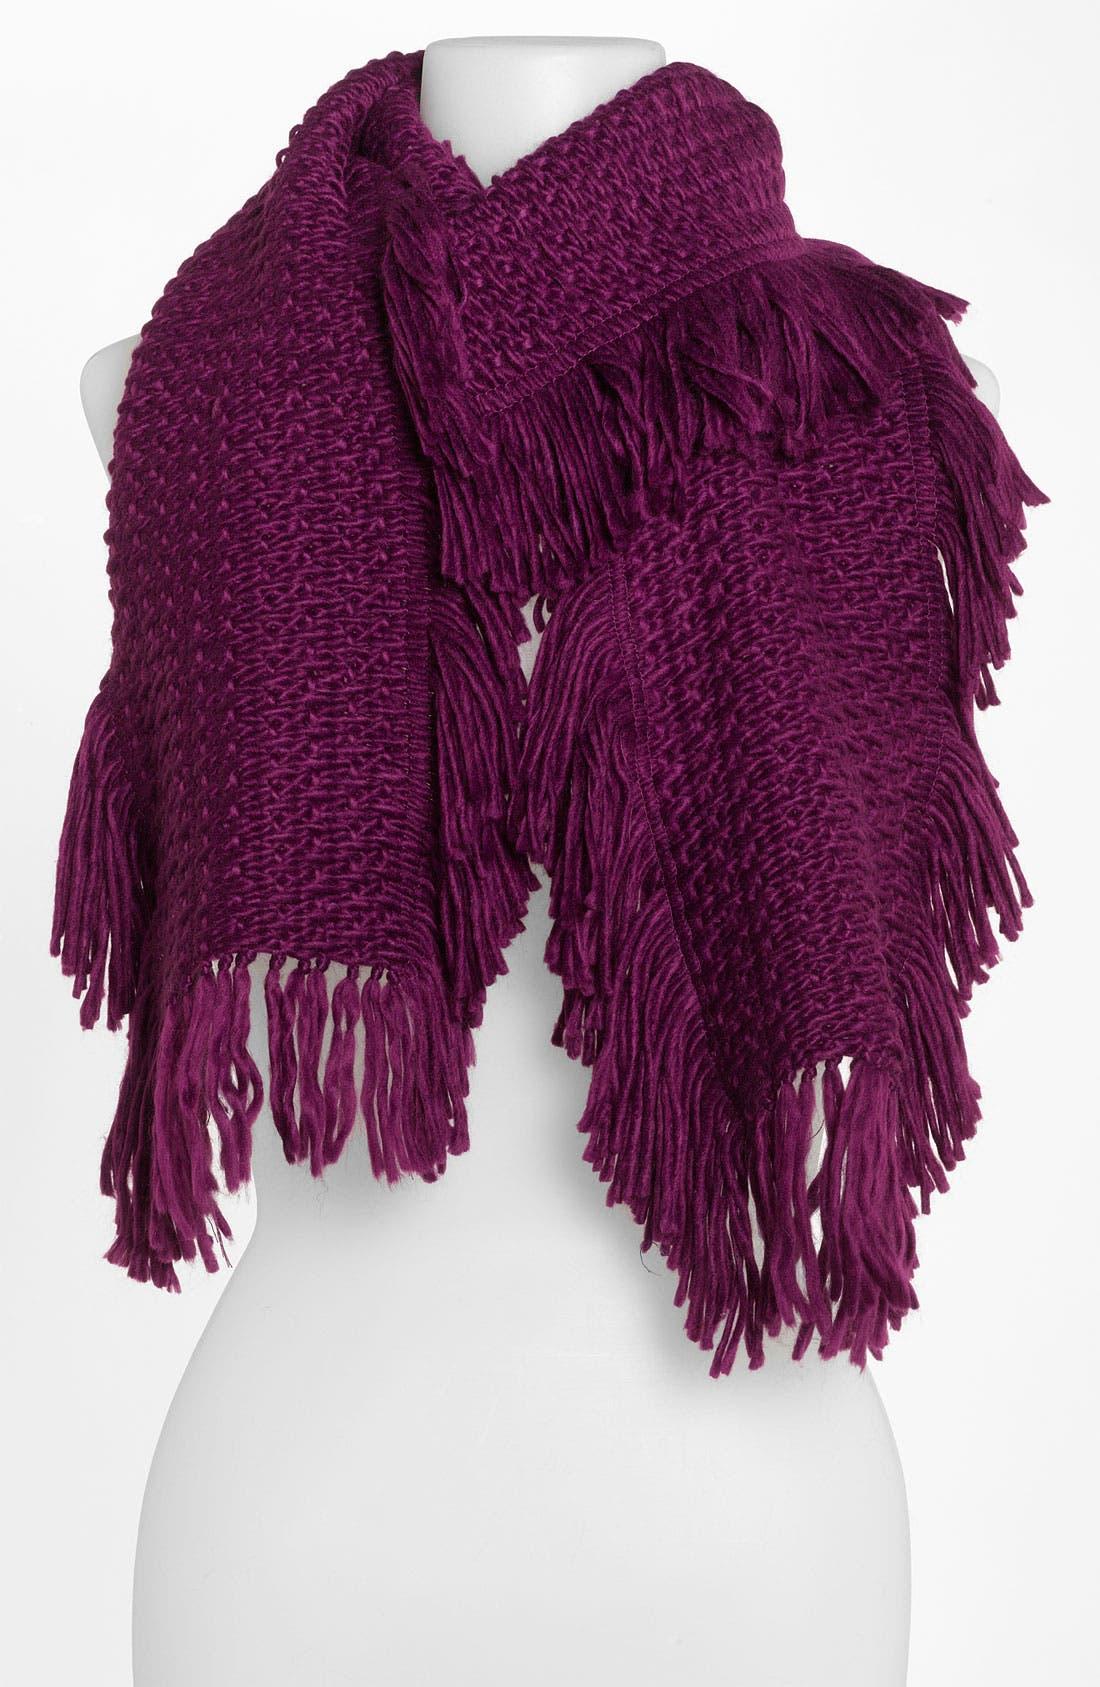 Main Image - Echo Fringed Knit Scarf